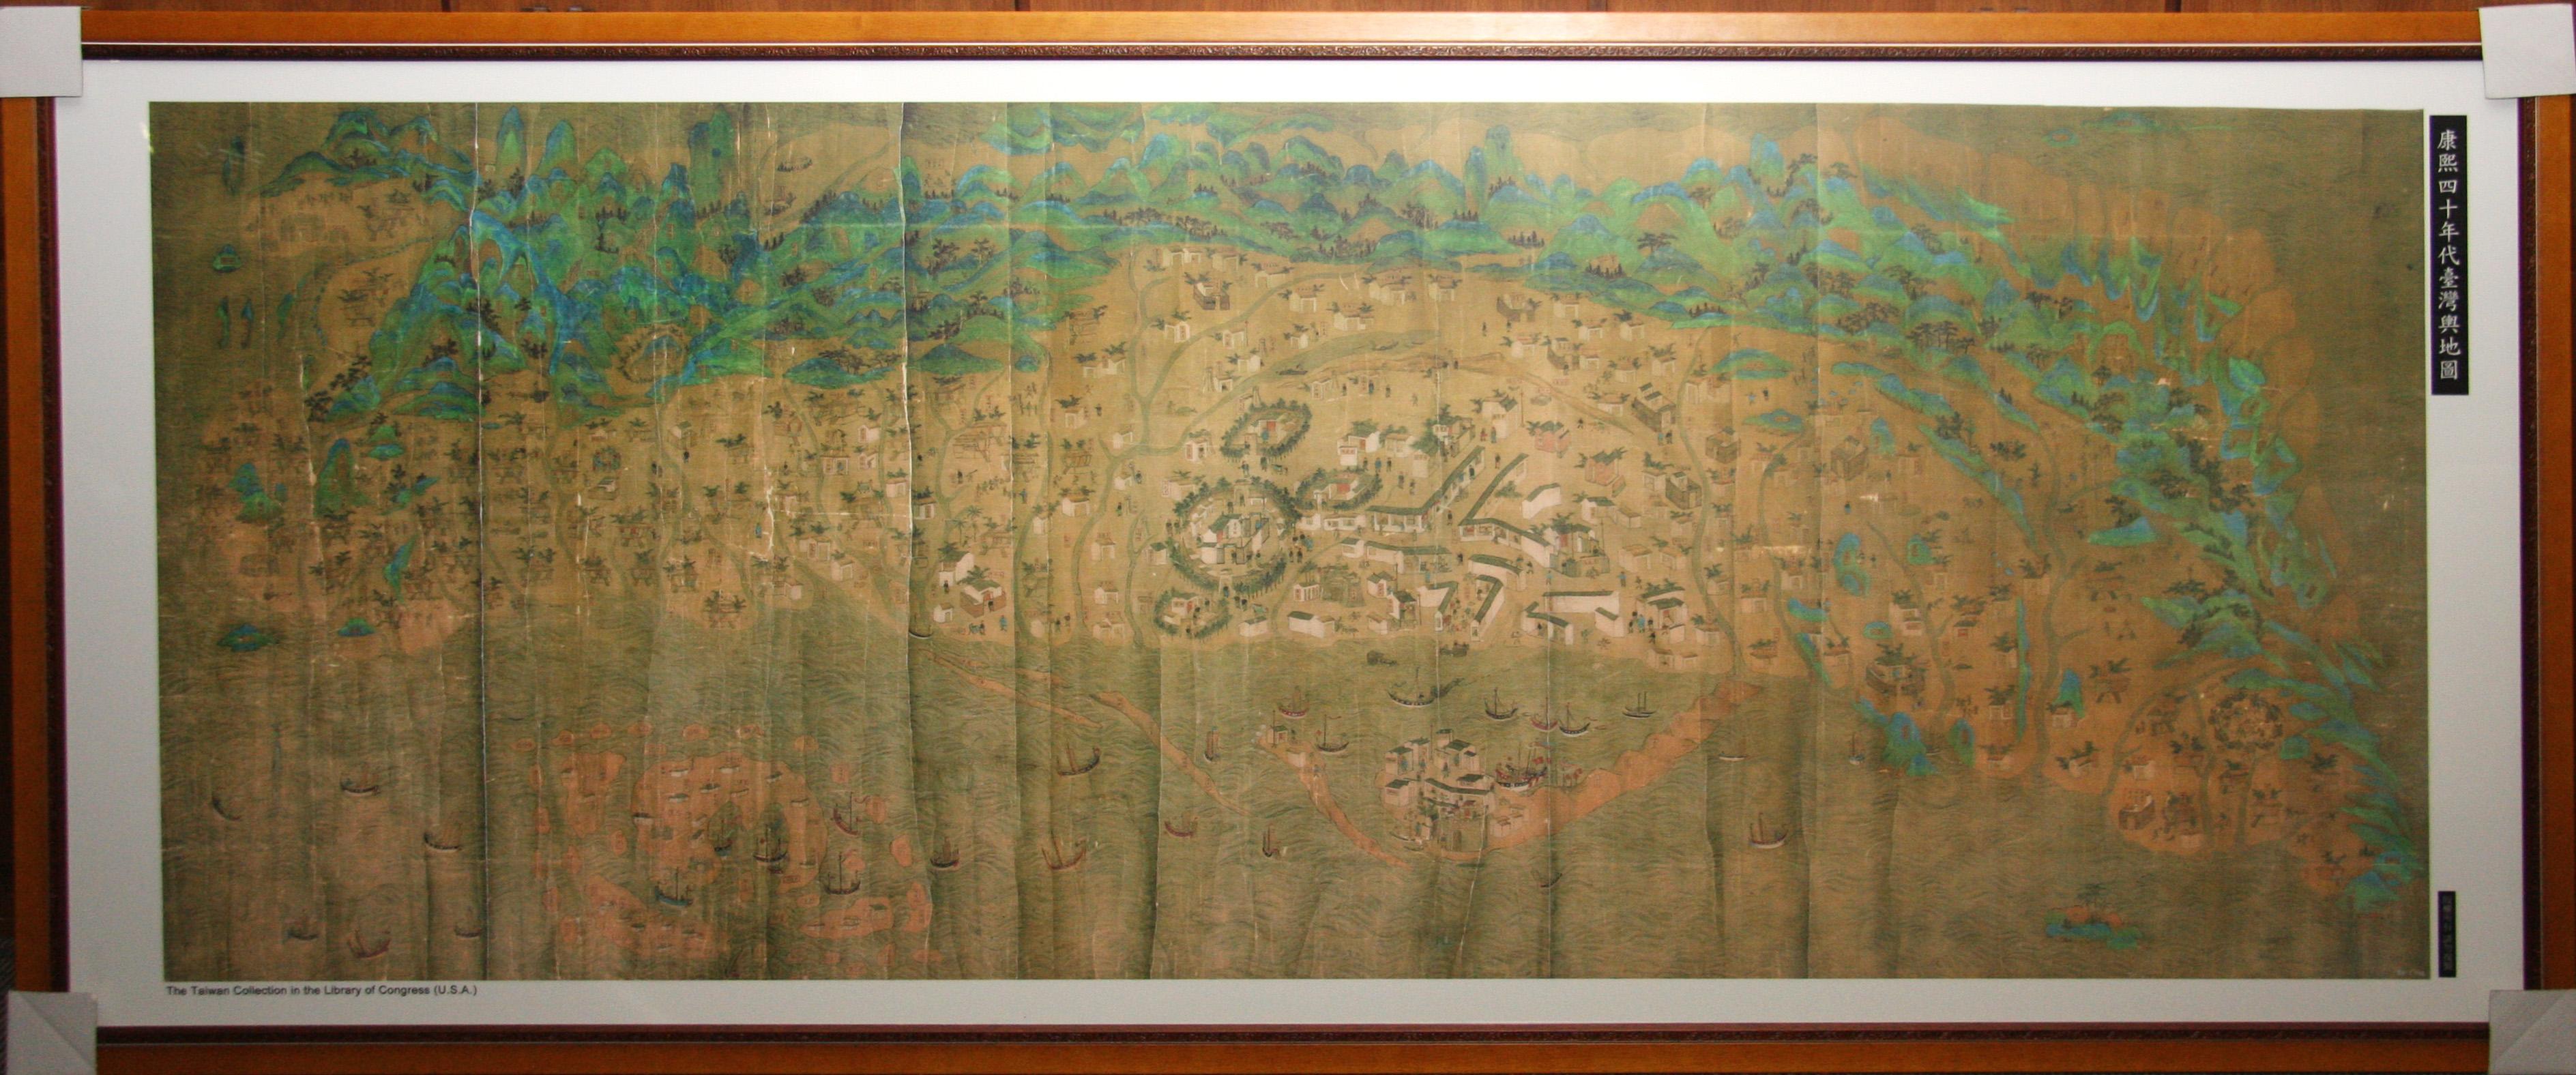 「台江黑水溝國家公園」獲內政部營建署署長支持,贈圖共勉。  0